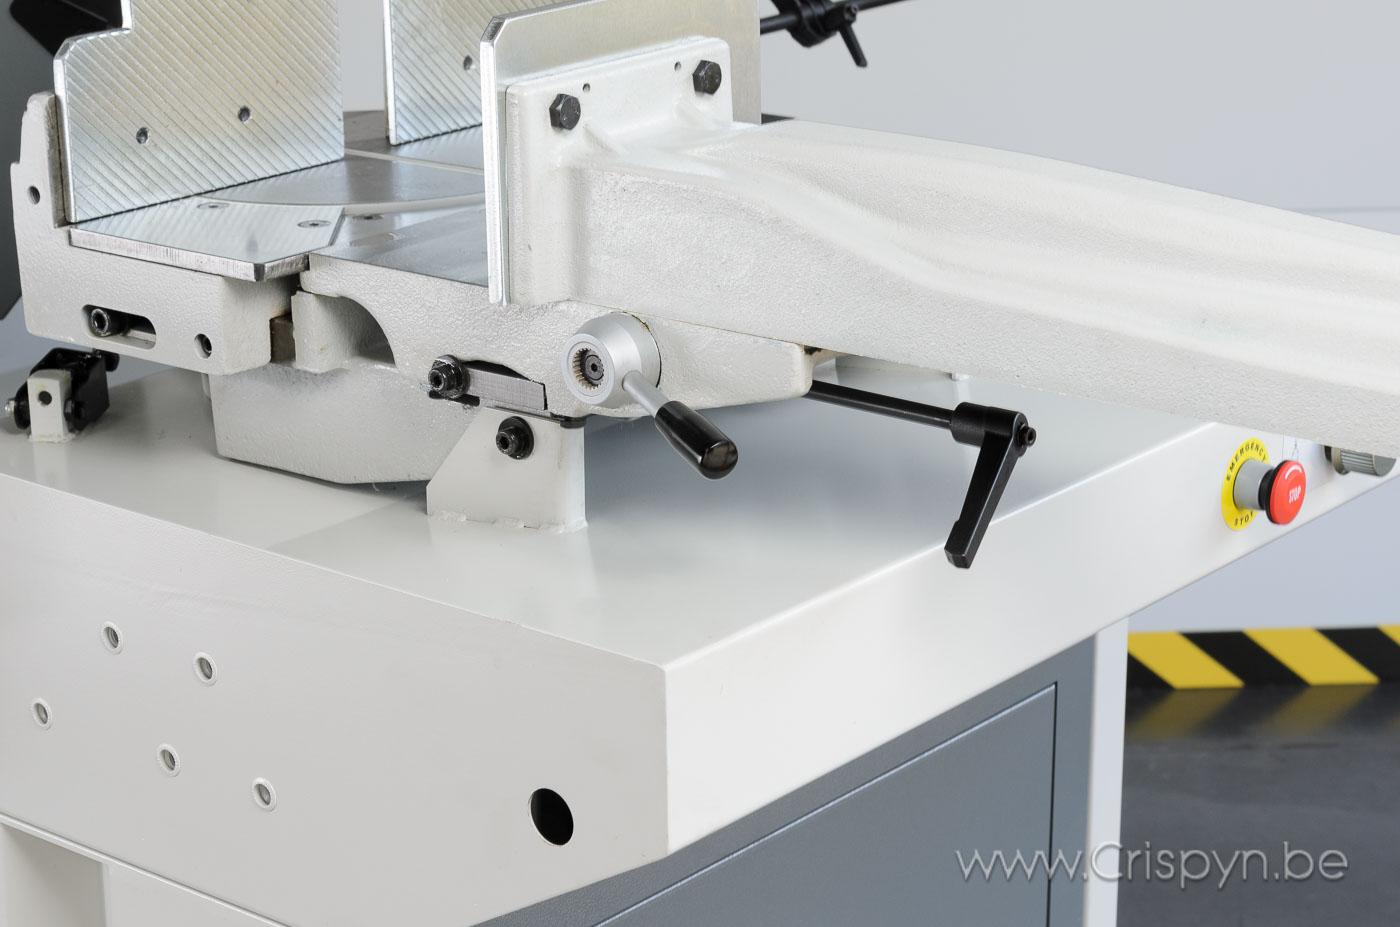 Zaagcapaciteit rond:260mm, rechthoek 295x230mm, zaaglint 2965x27, Hydraulische tegendrukcilinder